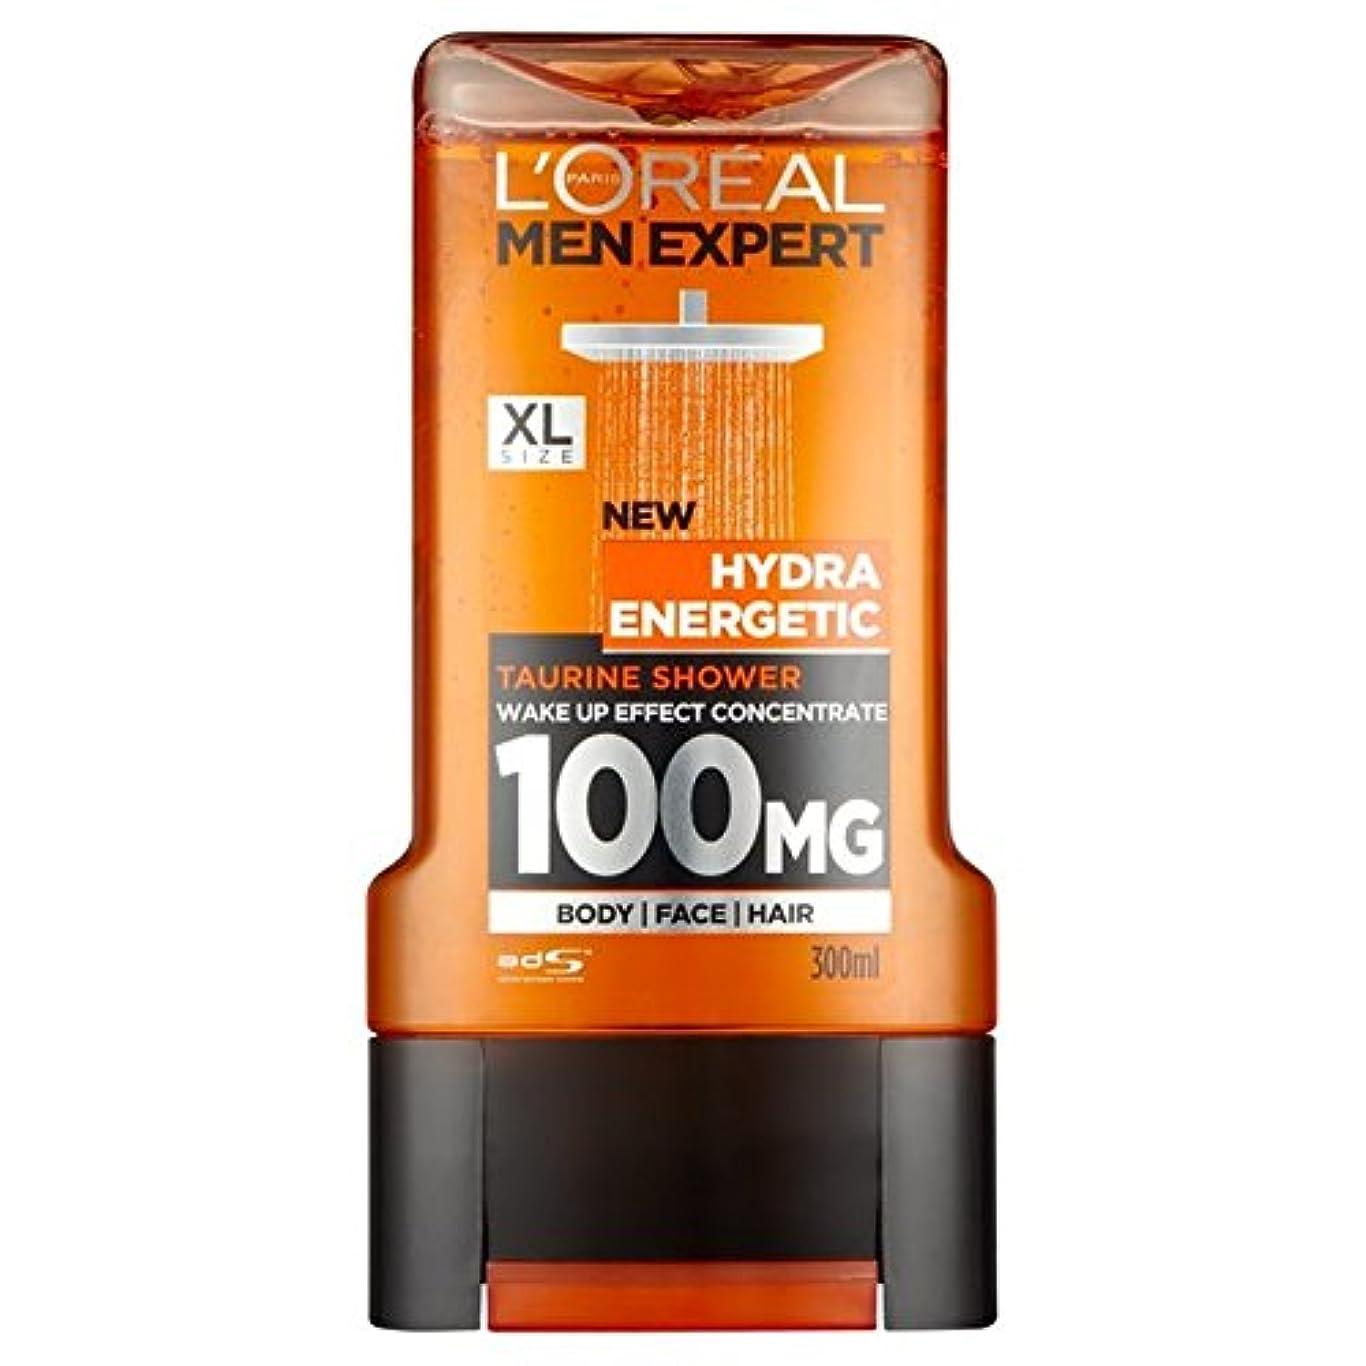 防ぐリラックス代わりにロレアルパリのメンズ専門家ヒドラエネルギッシュなシャワージェル300ミリリットル x2 - L'Oreal Paris Men Expert Hydra Energetic Shower Gel 300ml (Pack of 2) [並行輸入品]